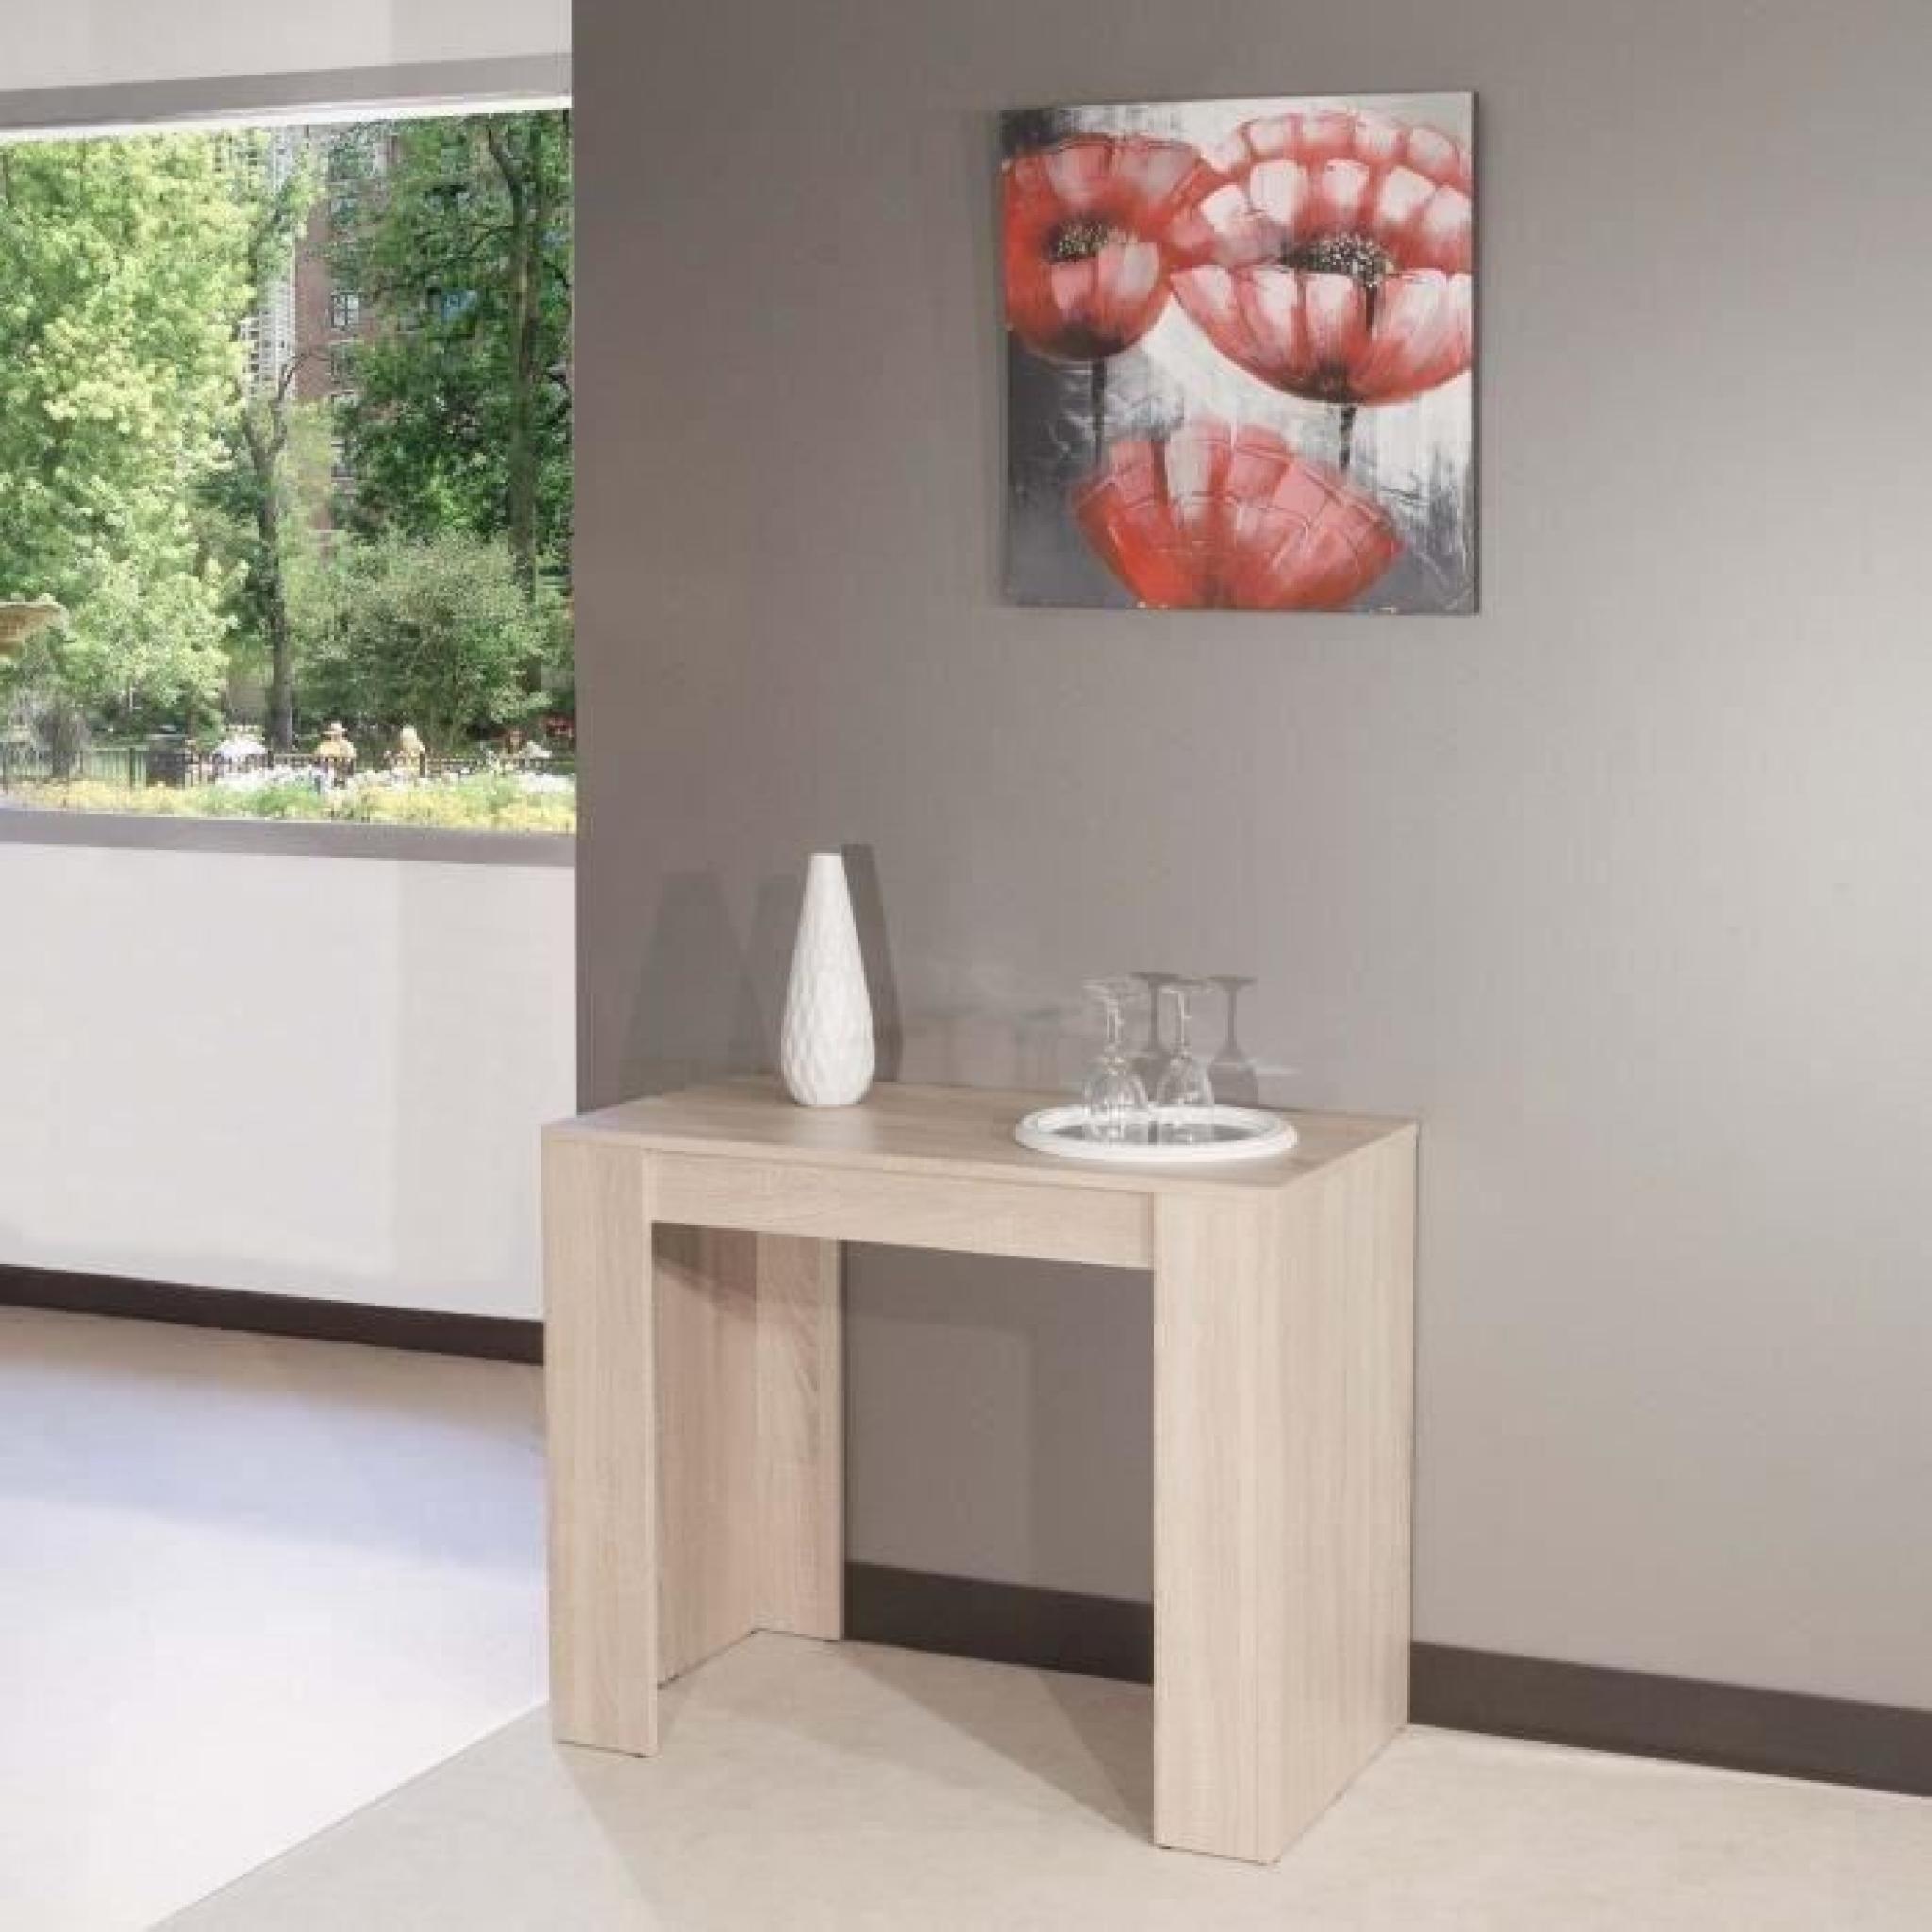 mexx table console extensible 198cm coloris ch ne achat vente ensemble salle a manger pas cher. Black Bedroom Furniture Sets. Home Design Ideas